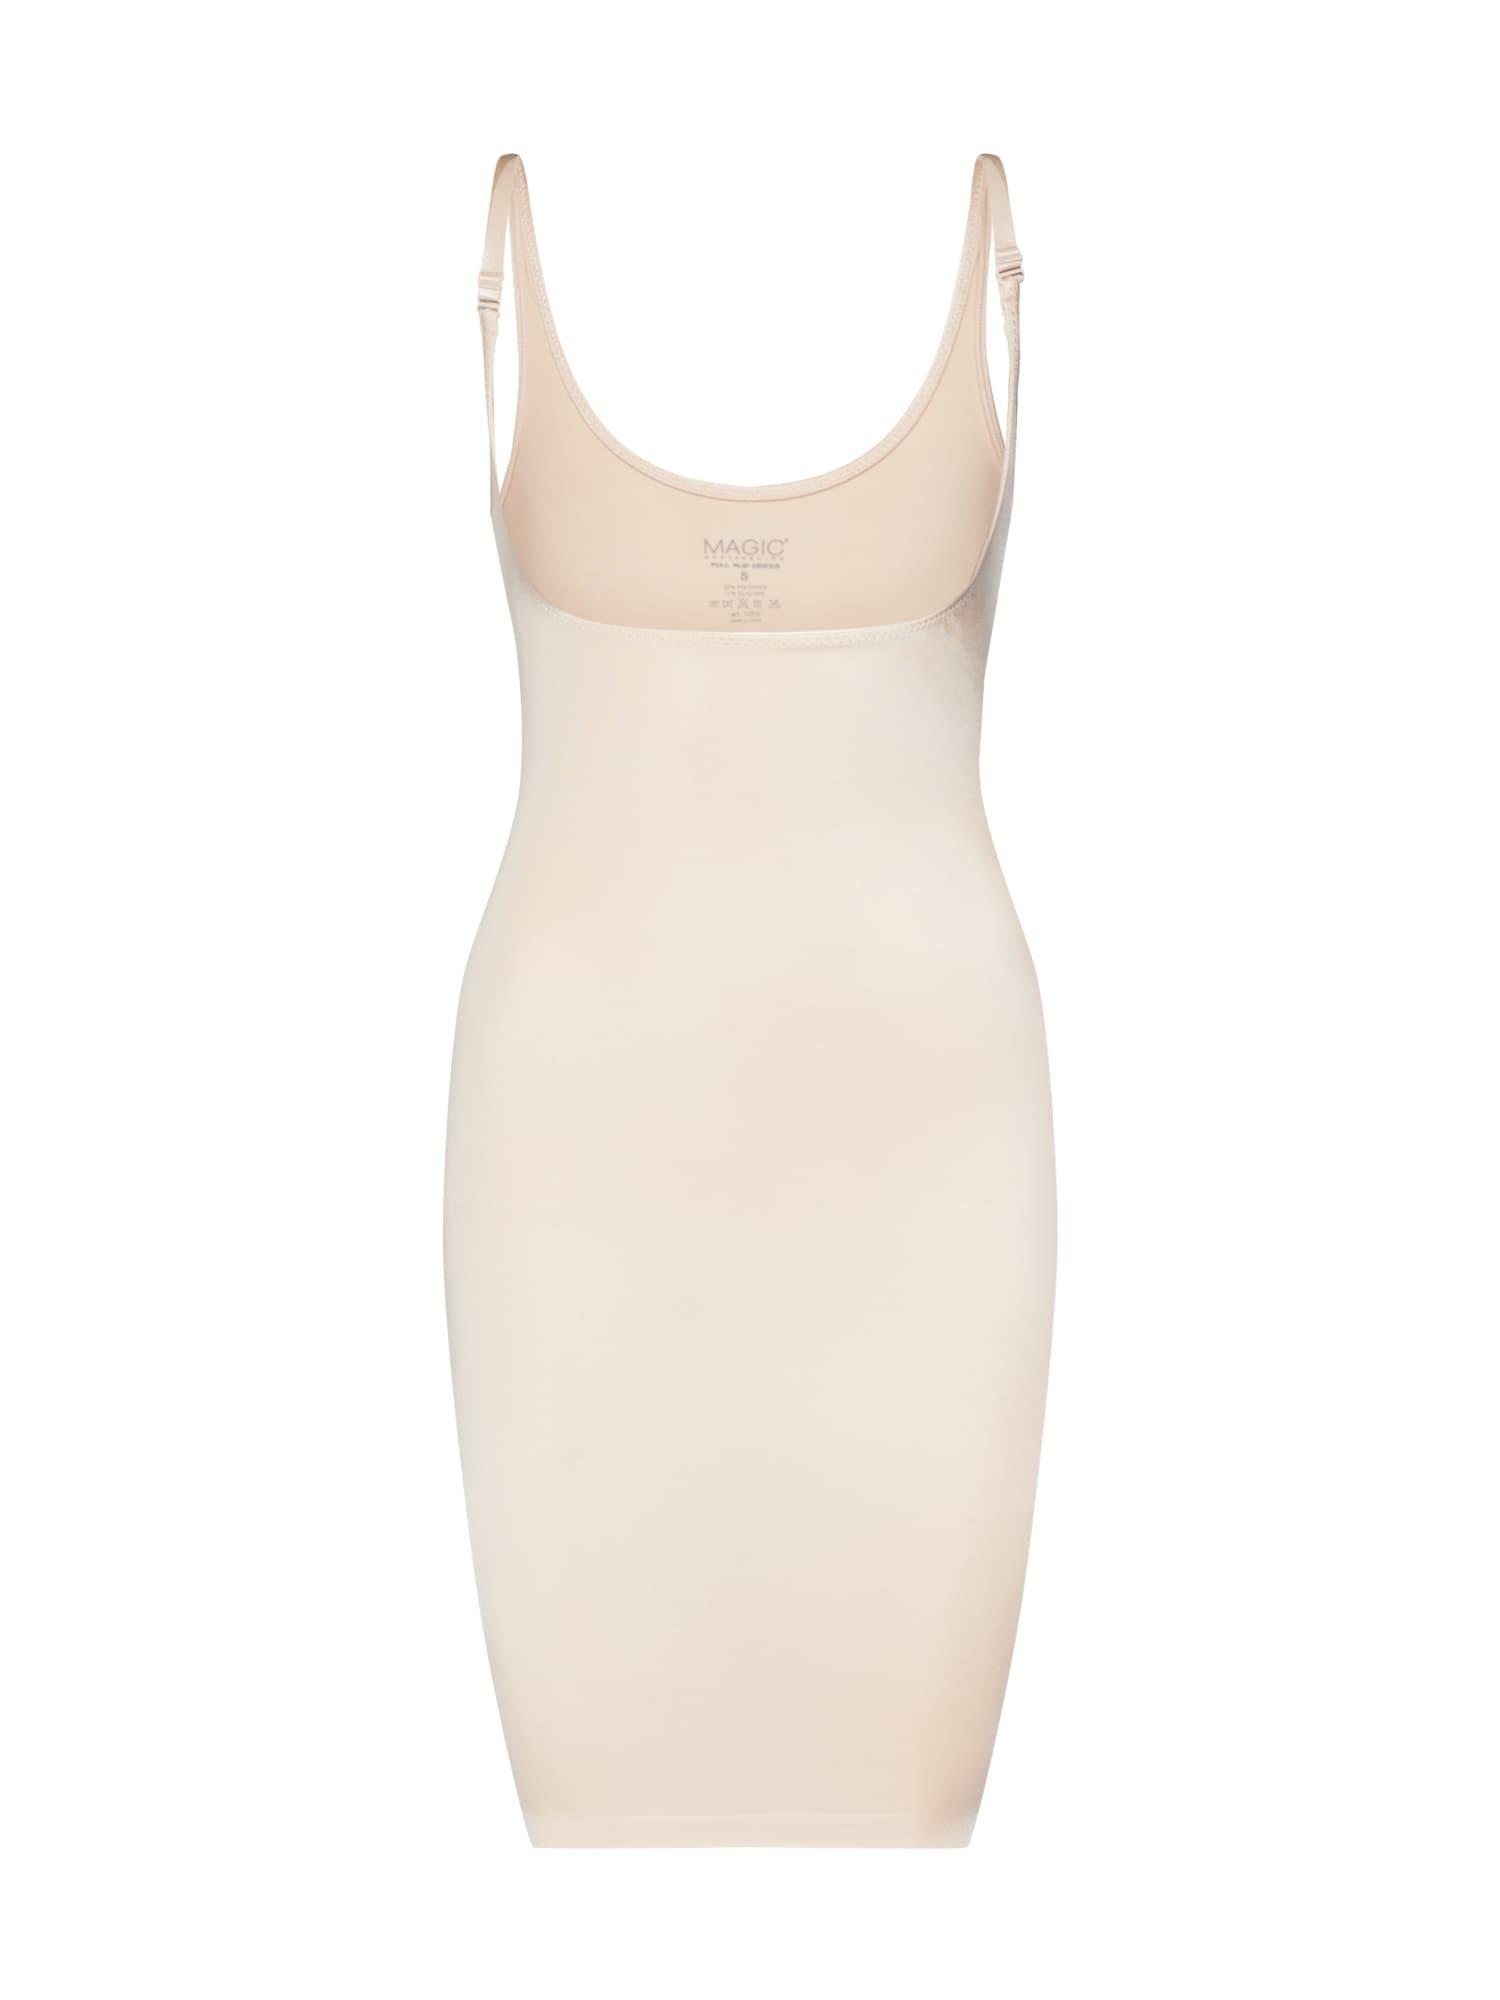 MAGIC Bodyfashion Korsetinė suknelė smėlio / balta